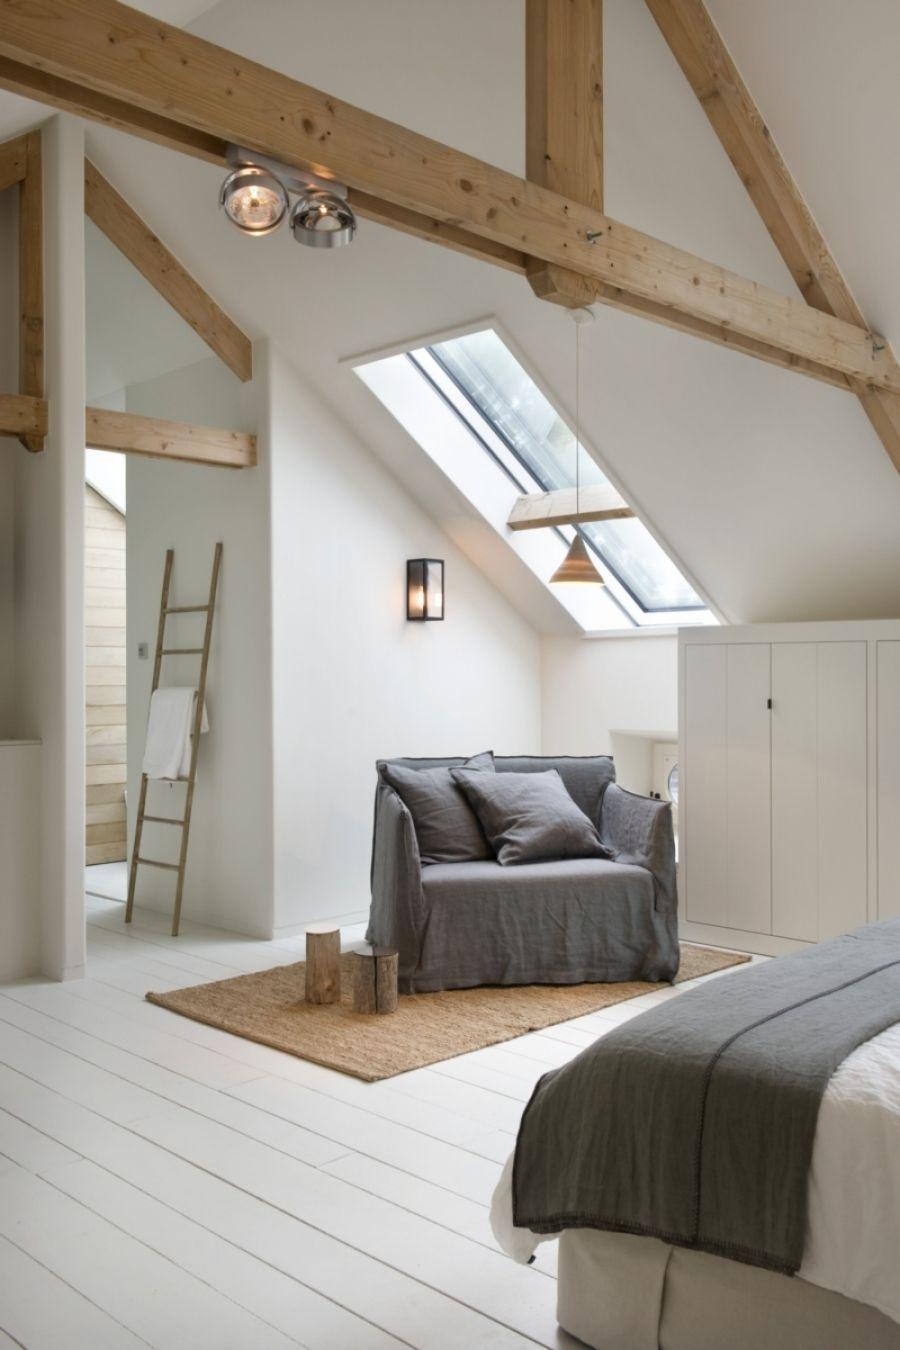 Dachgeschosse, Schlafzimmer, Ausbau, Einrichtung, Haus, Wohnen, Deko,  Dachgeschoss Schlafzimmer, Moderne Raumausstattung